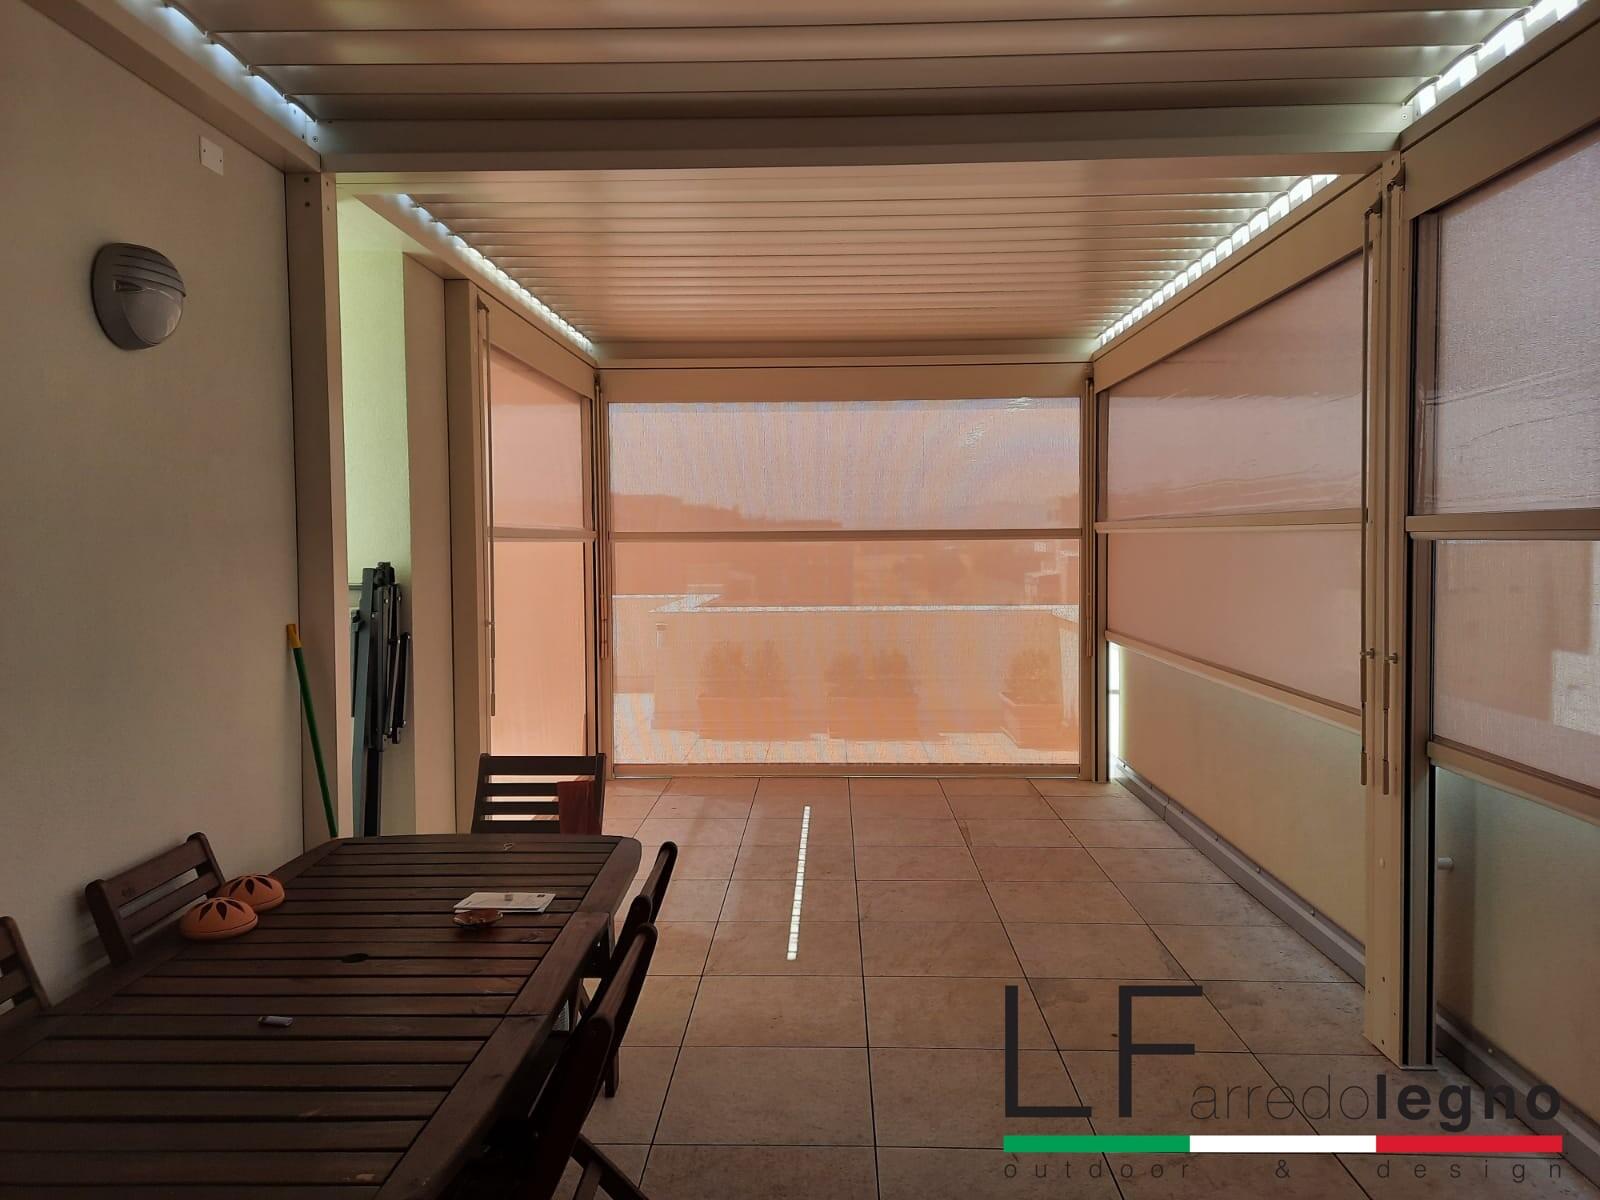 Tende oscuranti a doppio rullo perimetrali montate su una struttura pergola pioclimatica con lamelle orientabili e incluse di illuminazione led